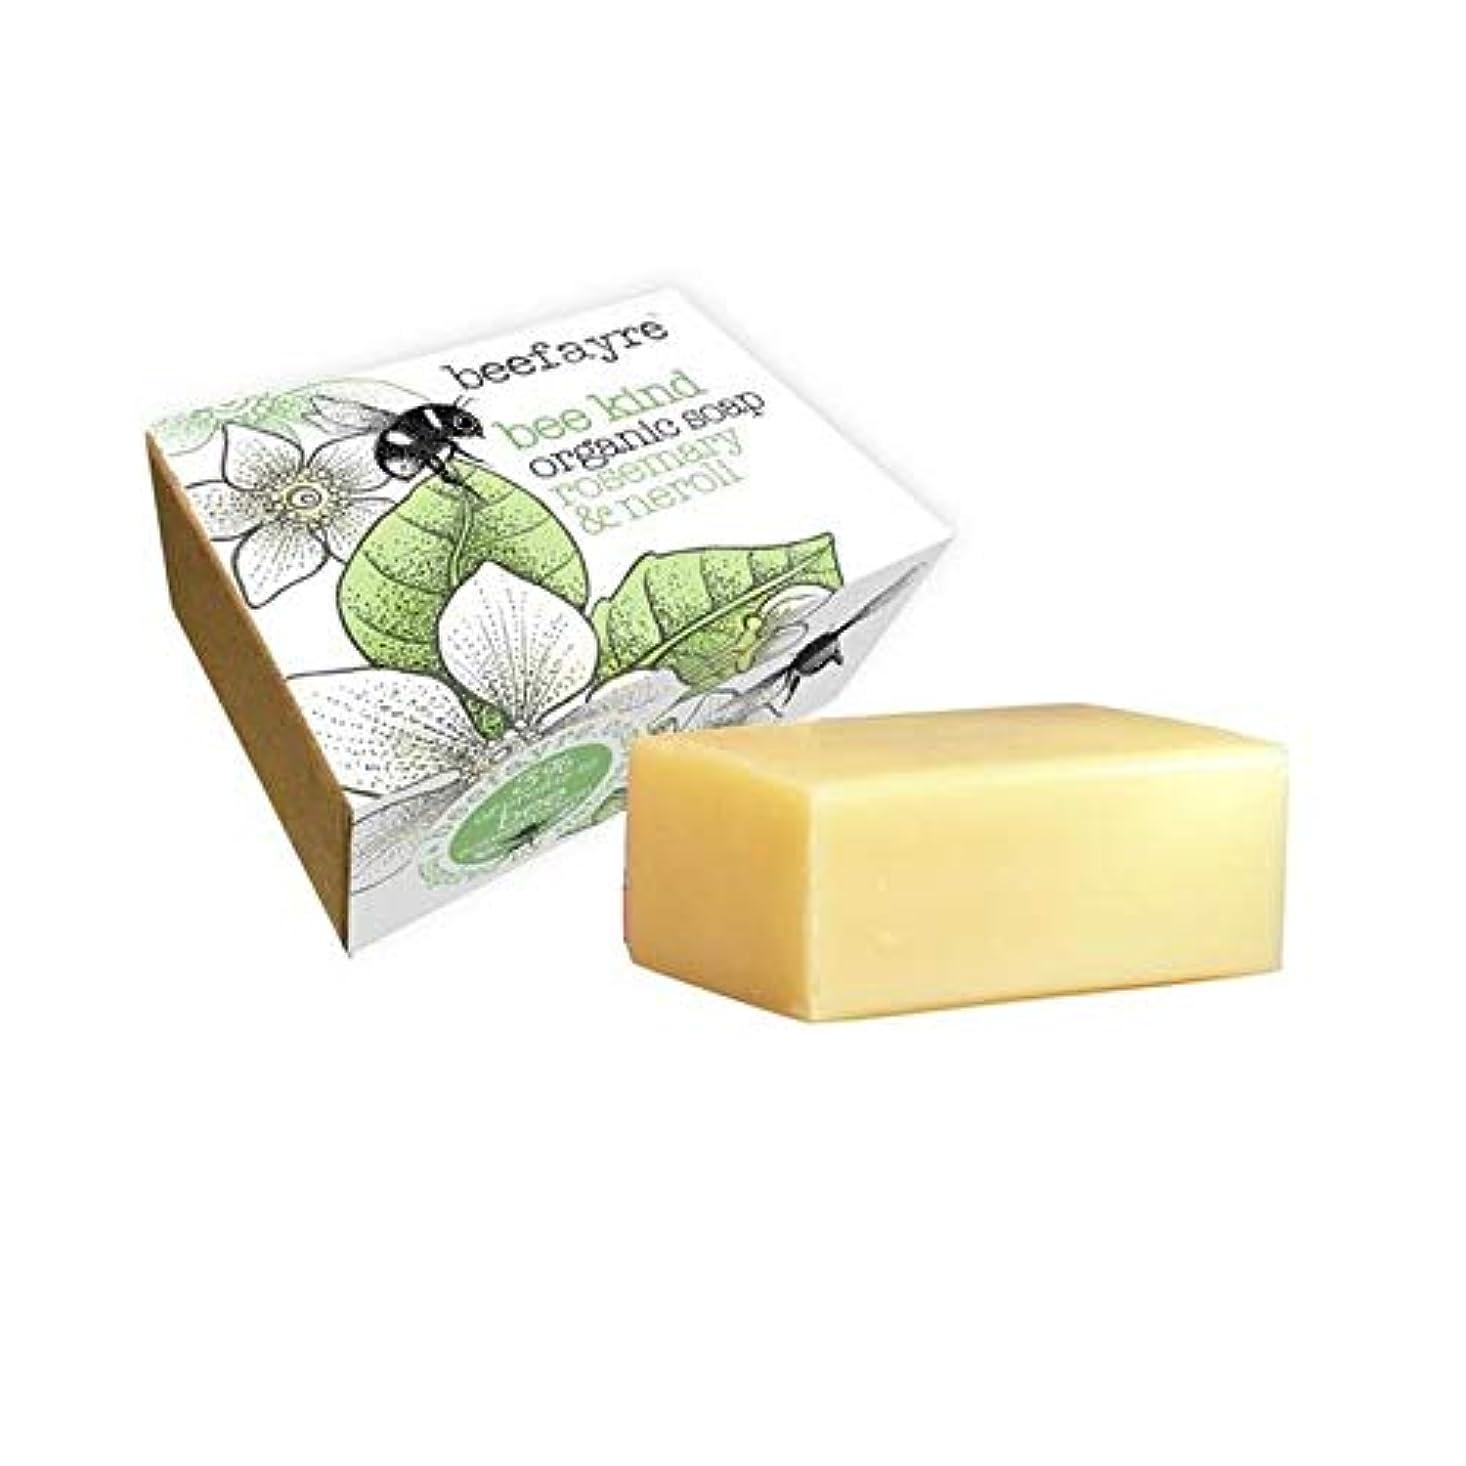 自分の限り慣れている[Beefayre] 有機ローズマリー&ネロリソープバー100グラムBeefayre - Beefayre Organic Rosemary & Neroli Soap Bar 100g [並行輸入品]